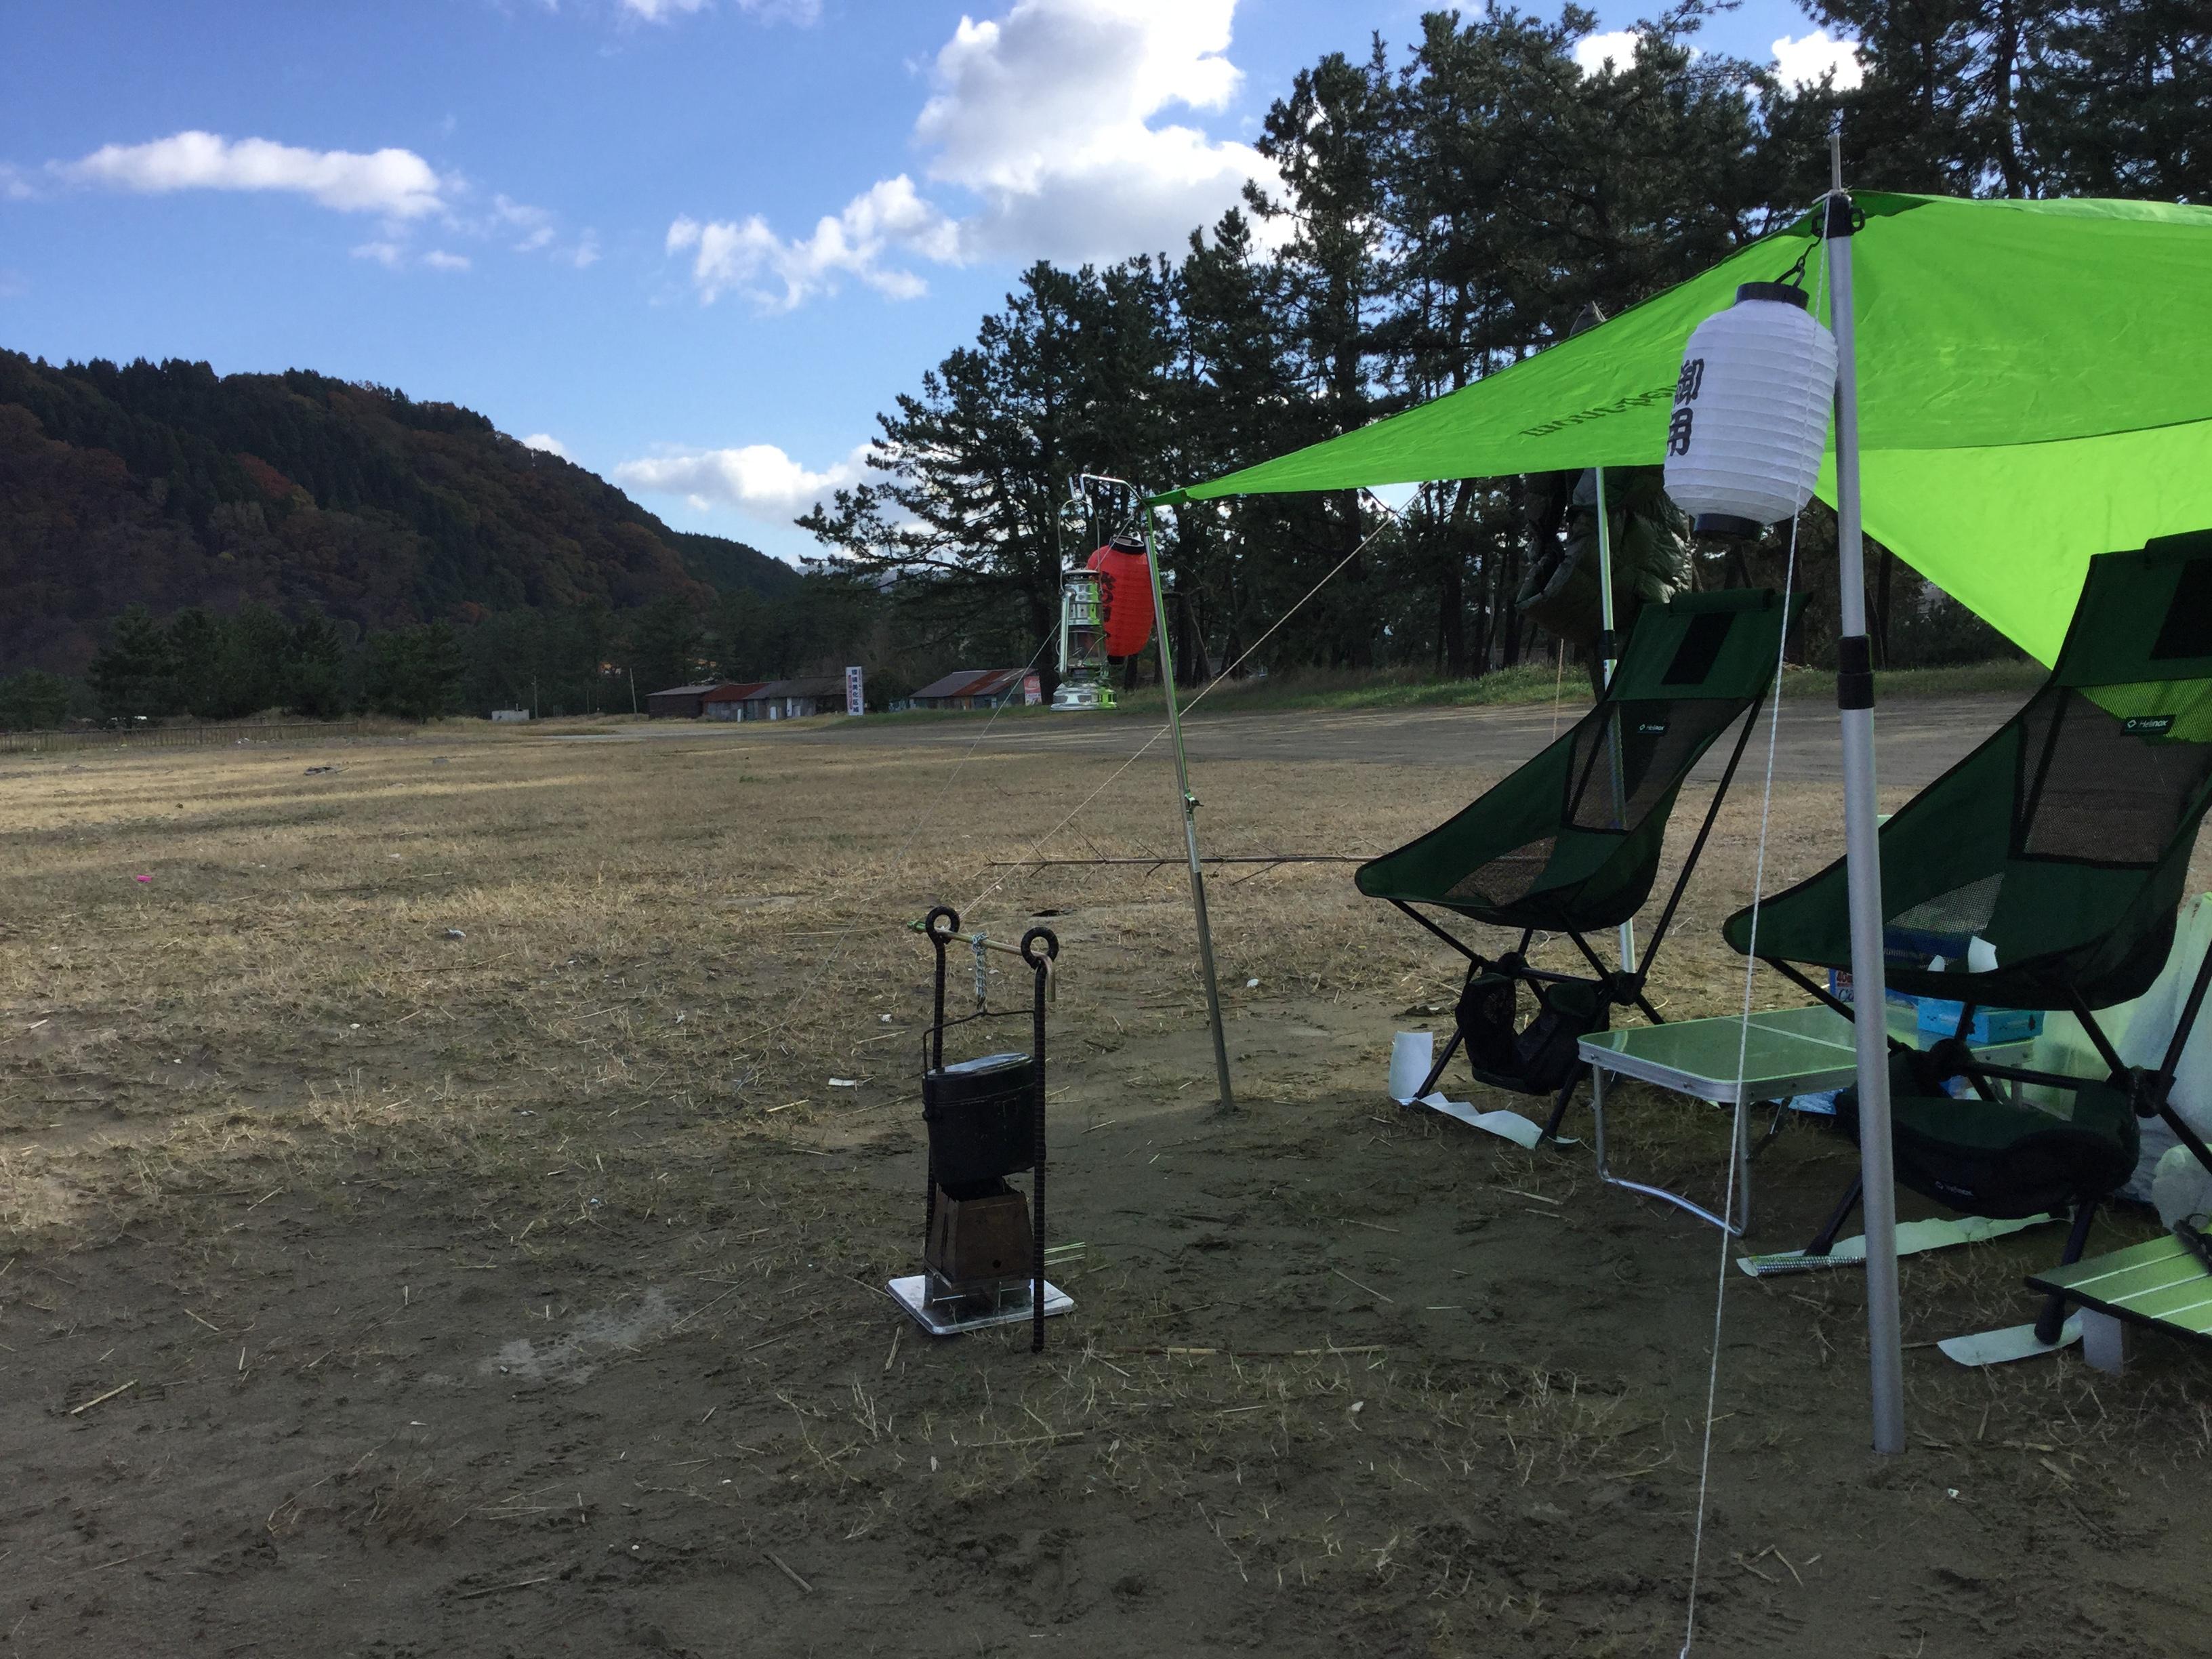 テント内の必携アイテム!最初に揃えたいものを並べてみた